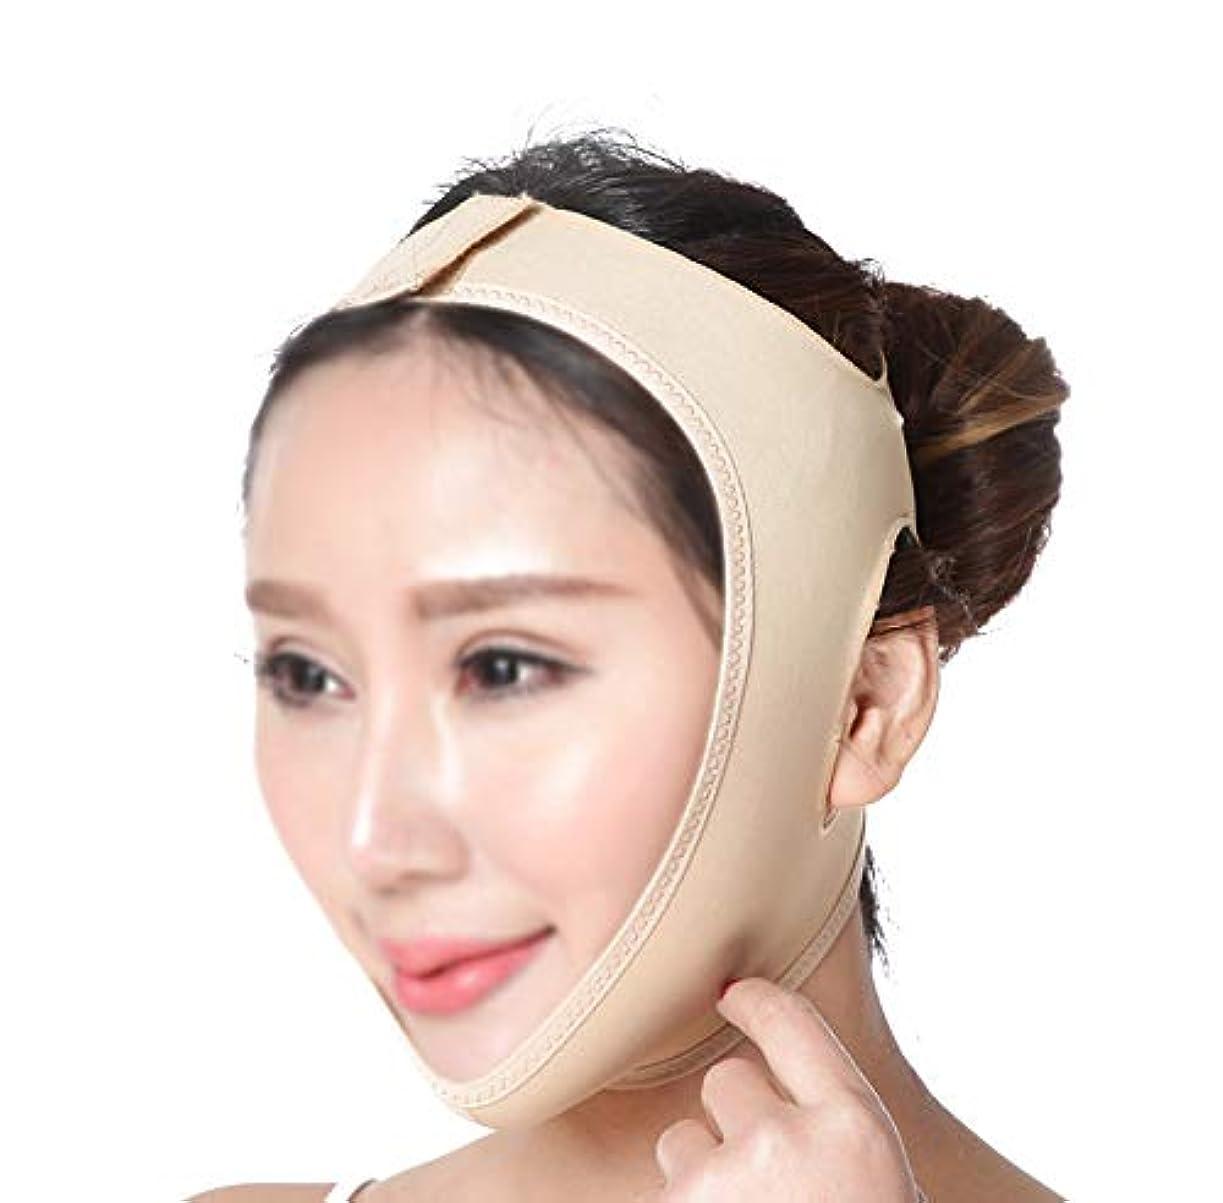 杖物足りない地区美容顔包帯v顔楽器フェイスマスクアーティファクトフェイスリフト引き締め睡眠ネットワークフェイシャルマッサージ (Size : S)